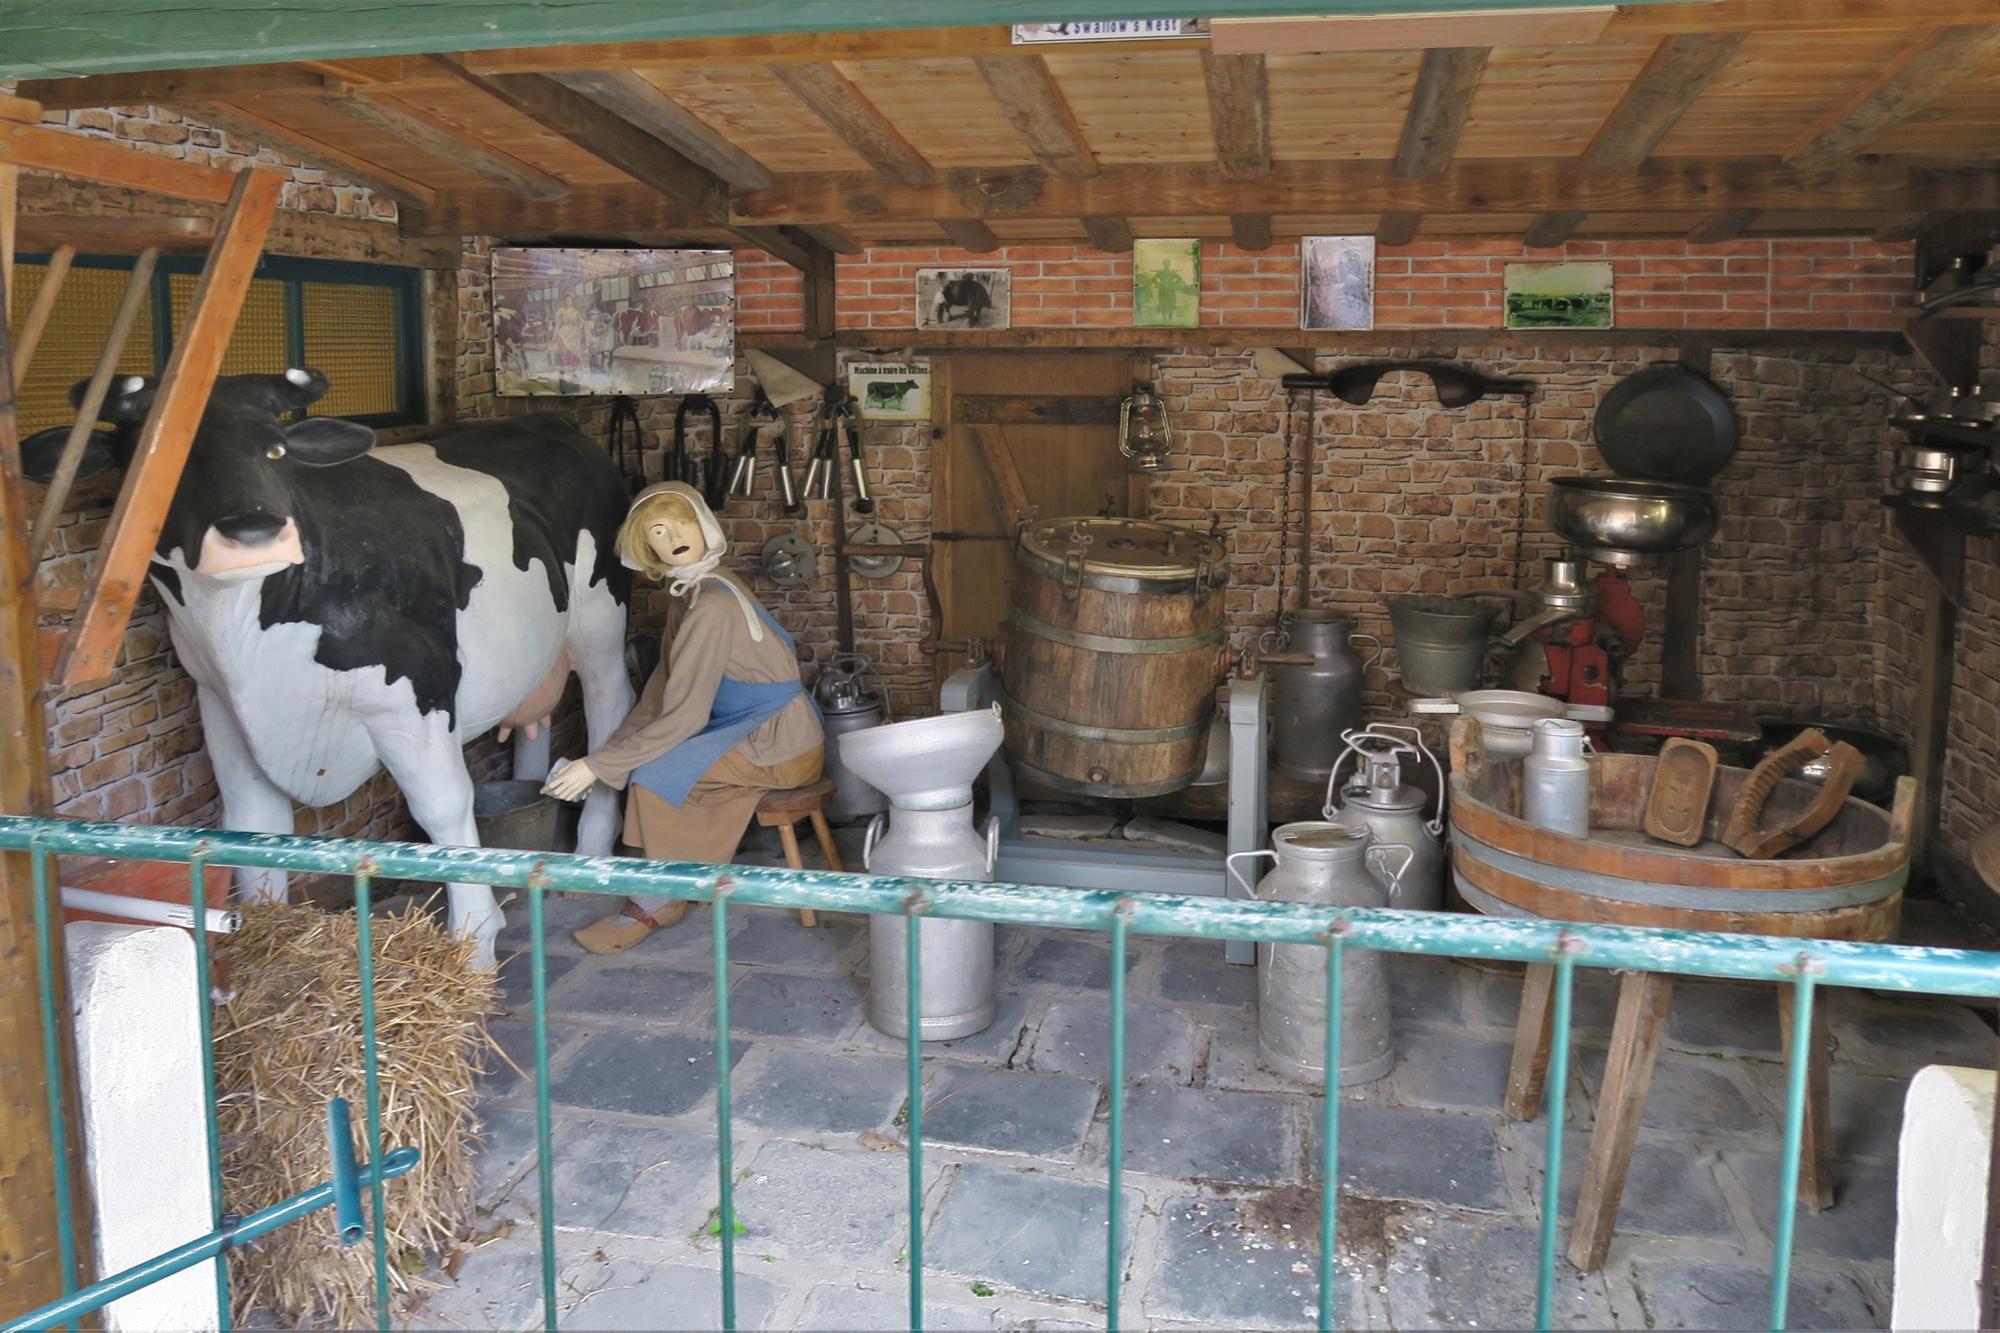 Le Parc St Joseph : ha la vache : combien de fois a t'elle renversé le seau de lait d'un coup de patte, car elle n'aimait pas la traite de ma mère.